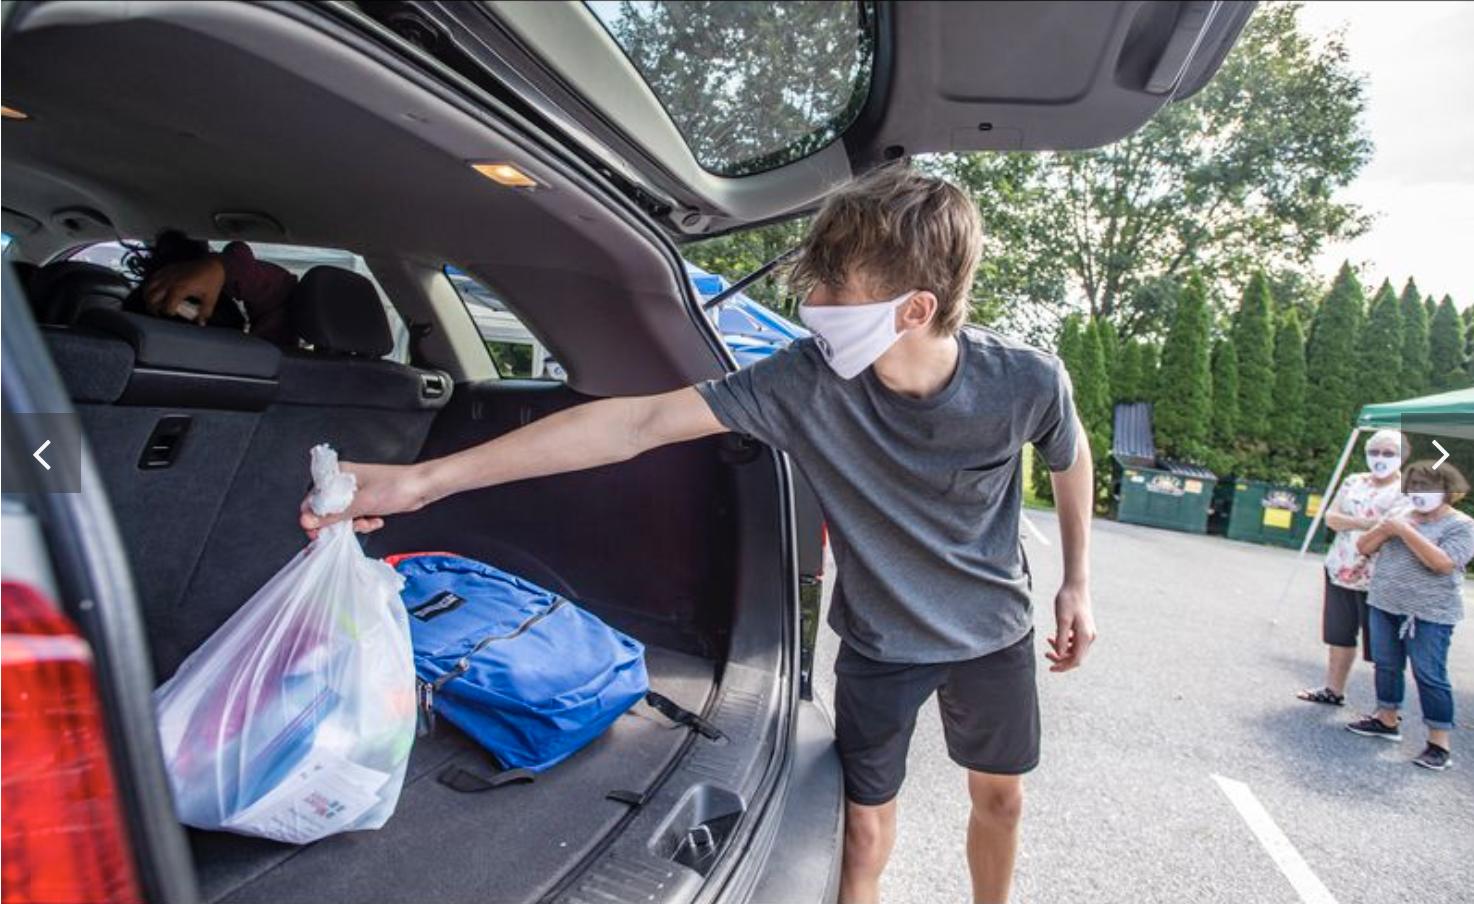 El voluntario Elijah Block, de 13 años, coloca artículos en el vehículo de una familia durante el día de entrega de morrales de la iglesia Wesley Church en Bethlehem, realizado el sábado. Foto de April Gamiz, The Morning Call.